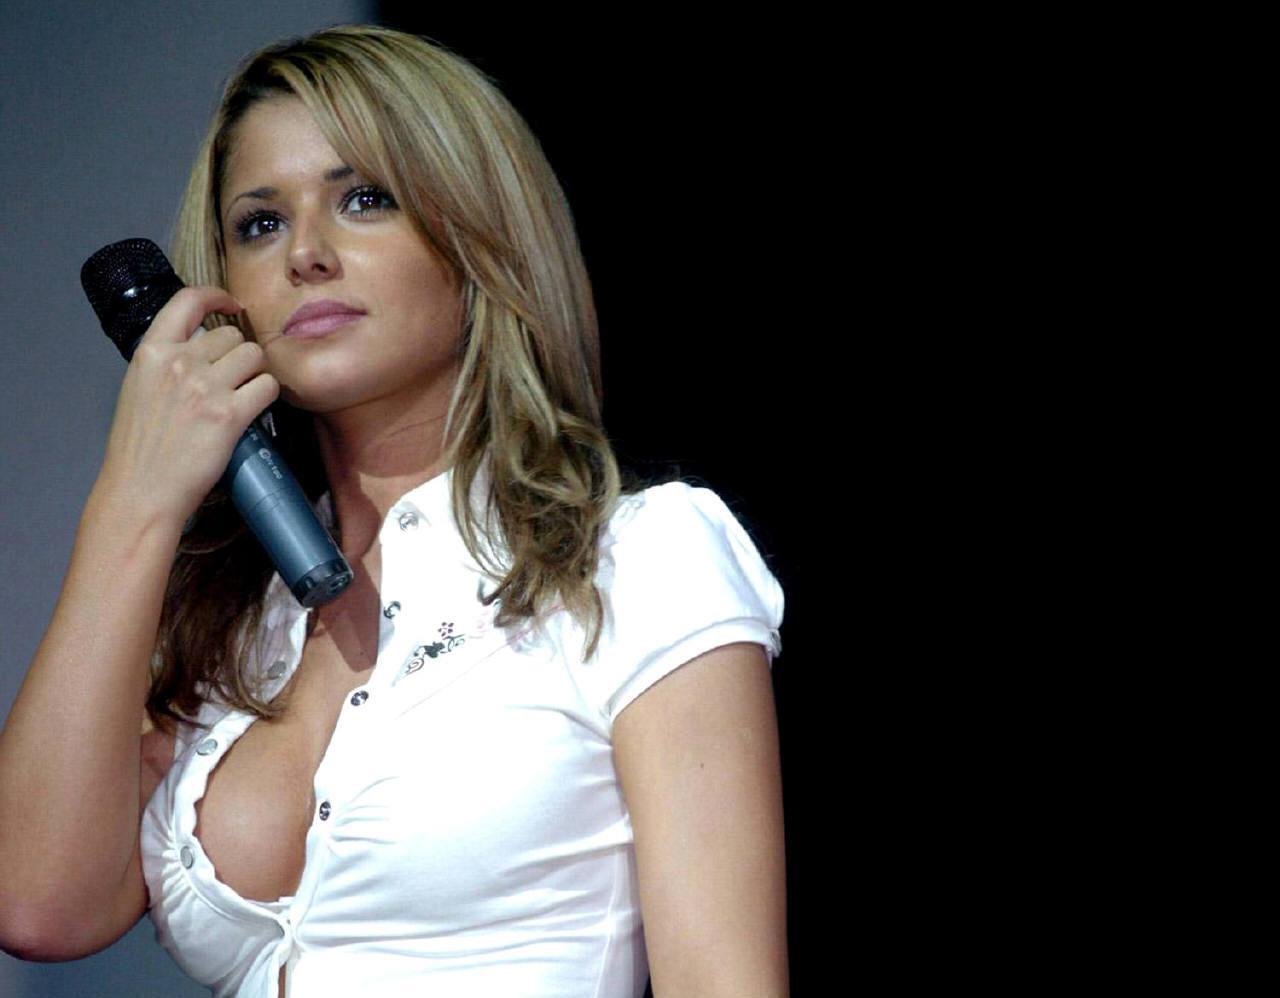 http://1.bp.blogspot.com/-fSlf65ZKsoY/TmdAHFCEeAI/AAAAAAAACEg/wMgTYldFnXk/s1600/Hot+Cheryl+Tweedy+Pictures+%25286%2529.jpg